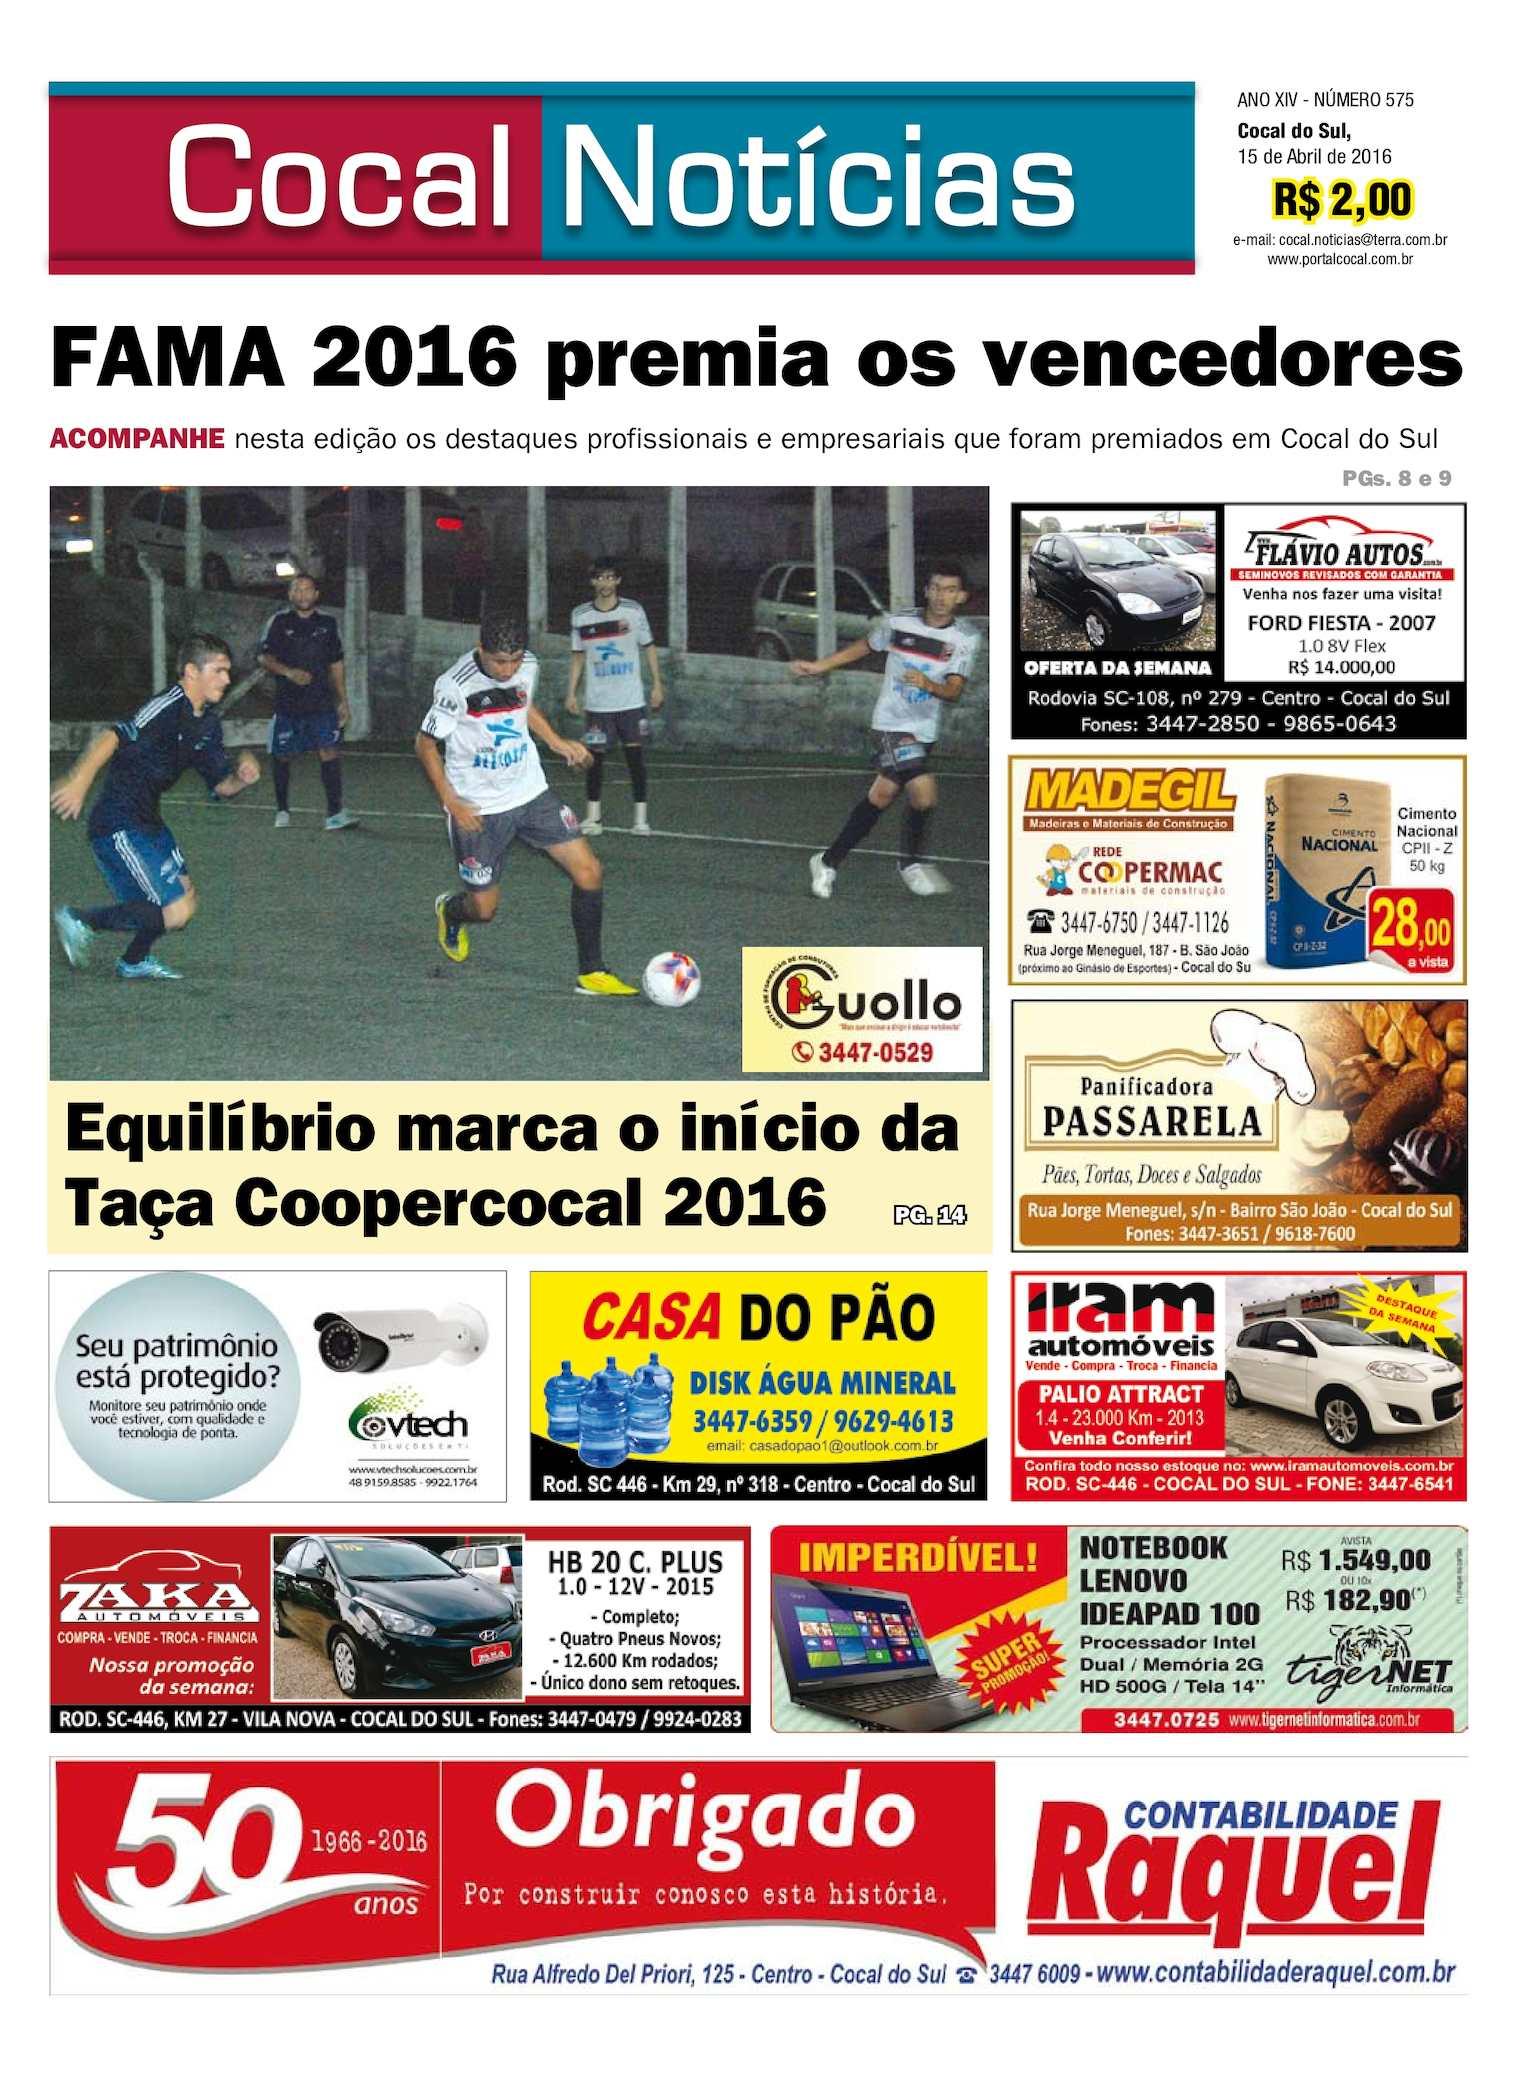 Calaméo - COCAL NOTÍCIAS 15-04-2016 www.portalcocal.com.br 57bb5a874e220